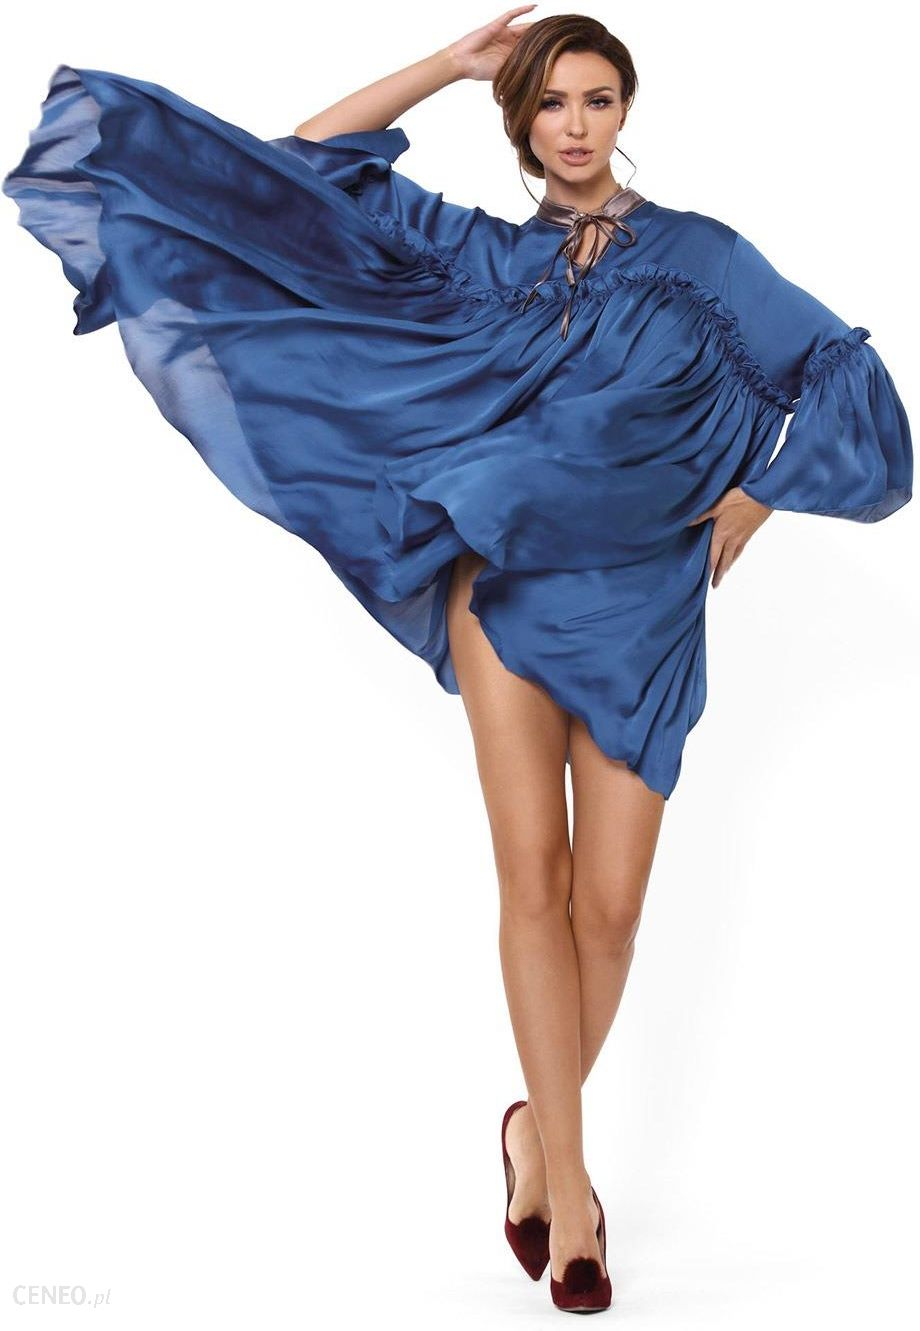 25917205fefff6 PIGEON Jedwabna koszula nocna Alessia niebieski M/L - Ceny i opinie ...